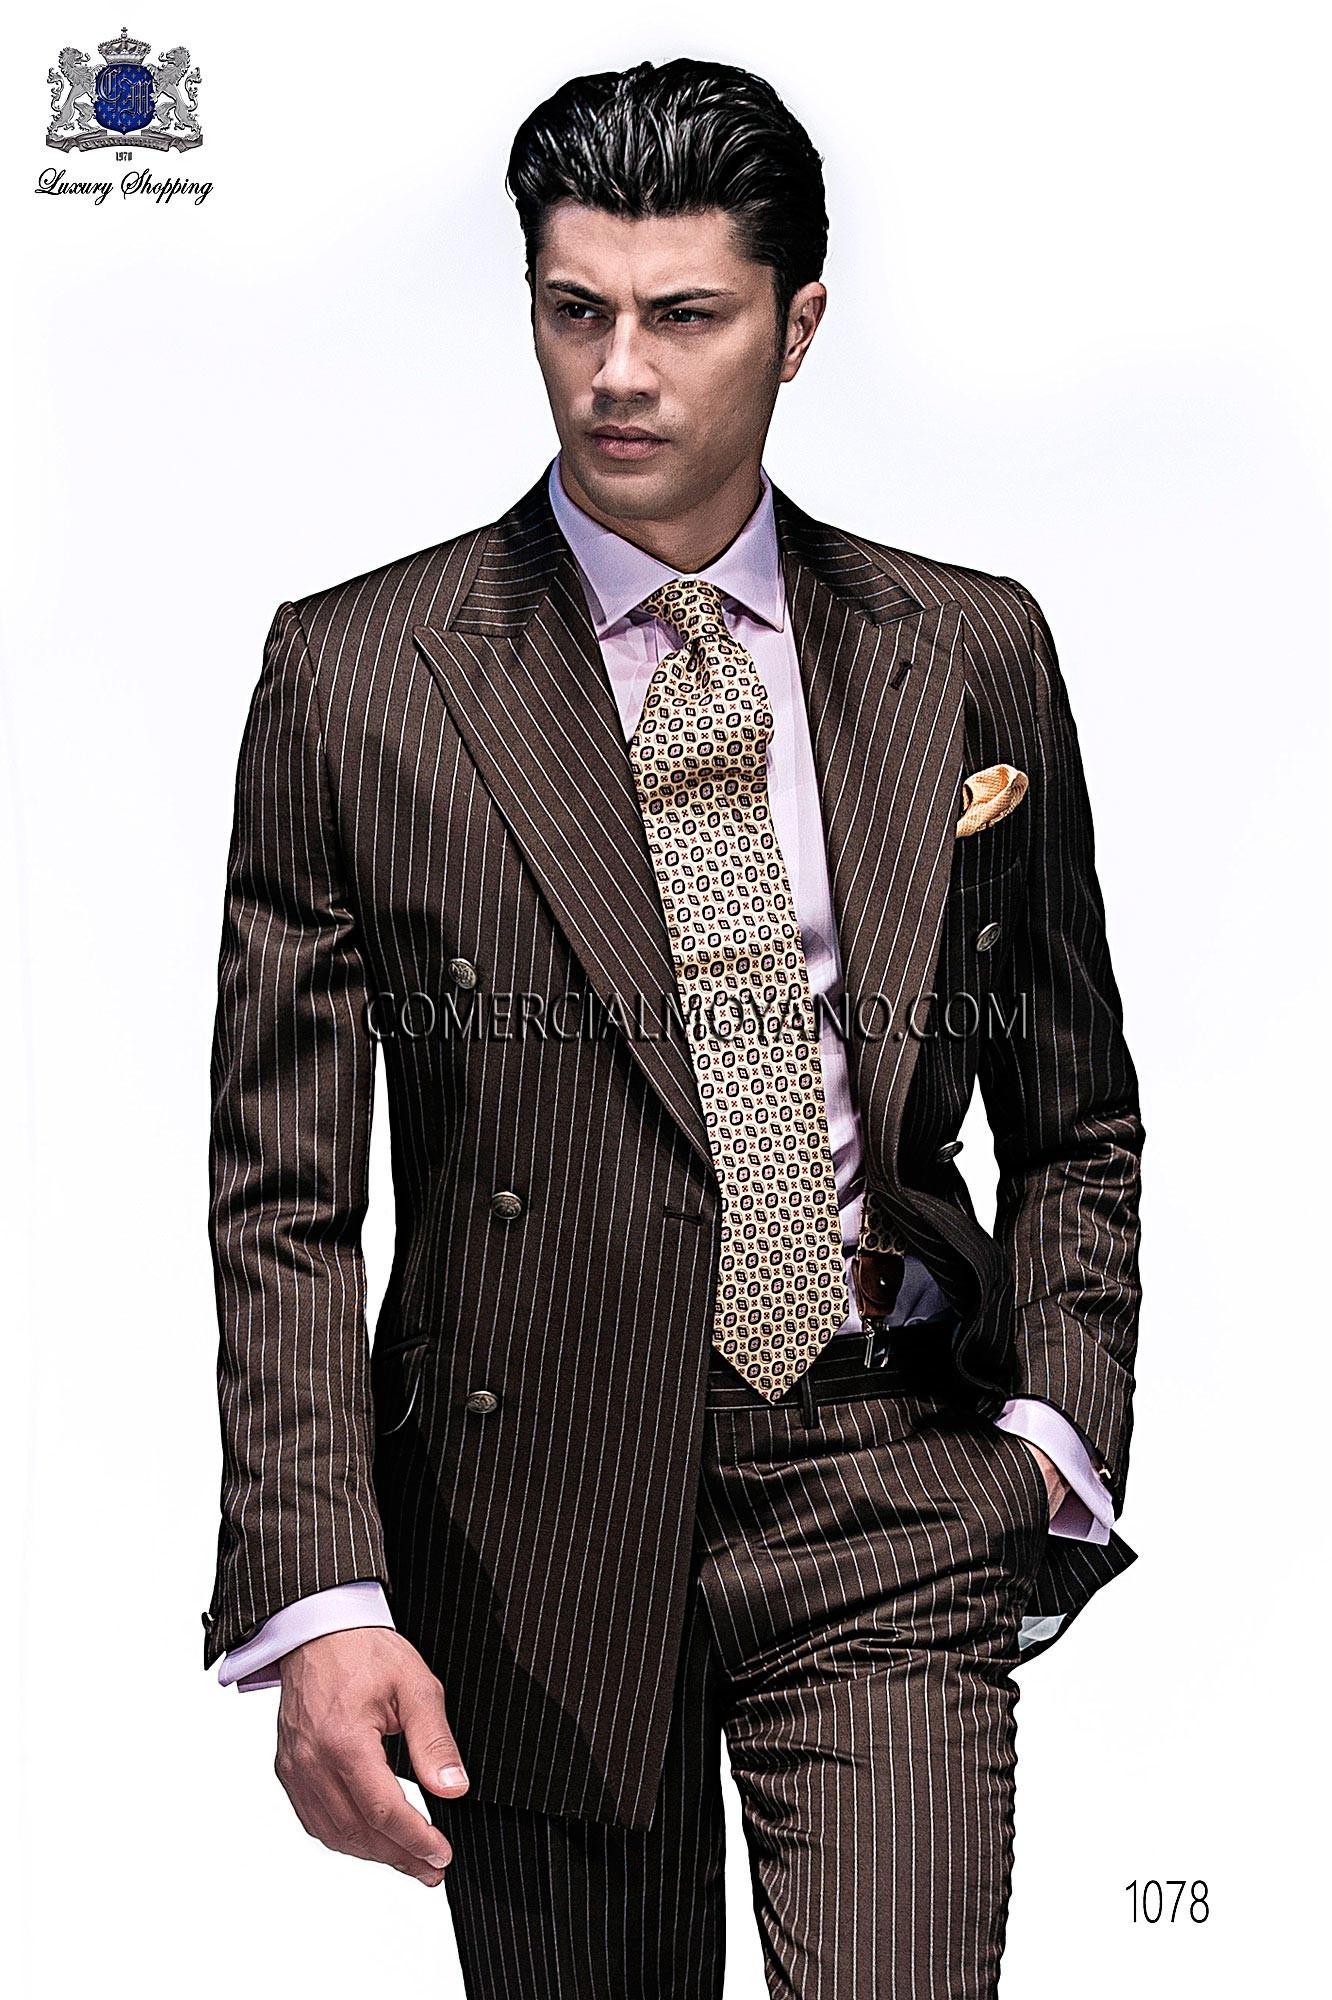 Traje Emotion de novio marrón modelo: 1078 Ottavio Nuccio Gala colección Emotion